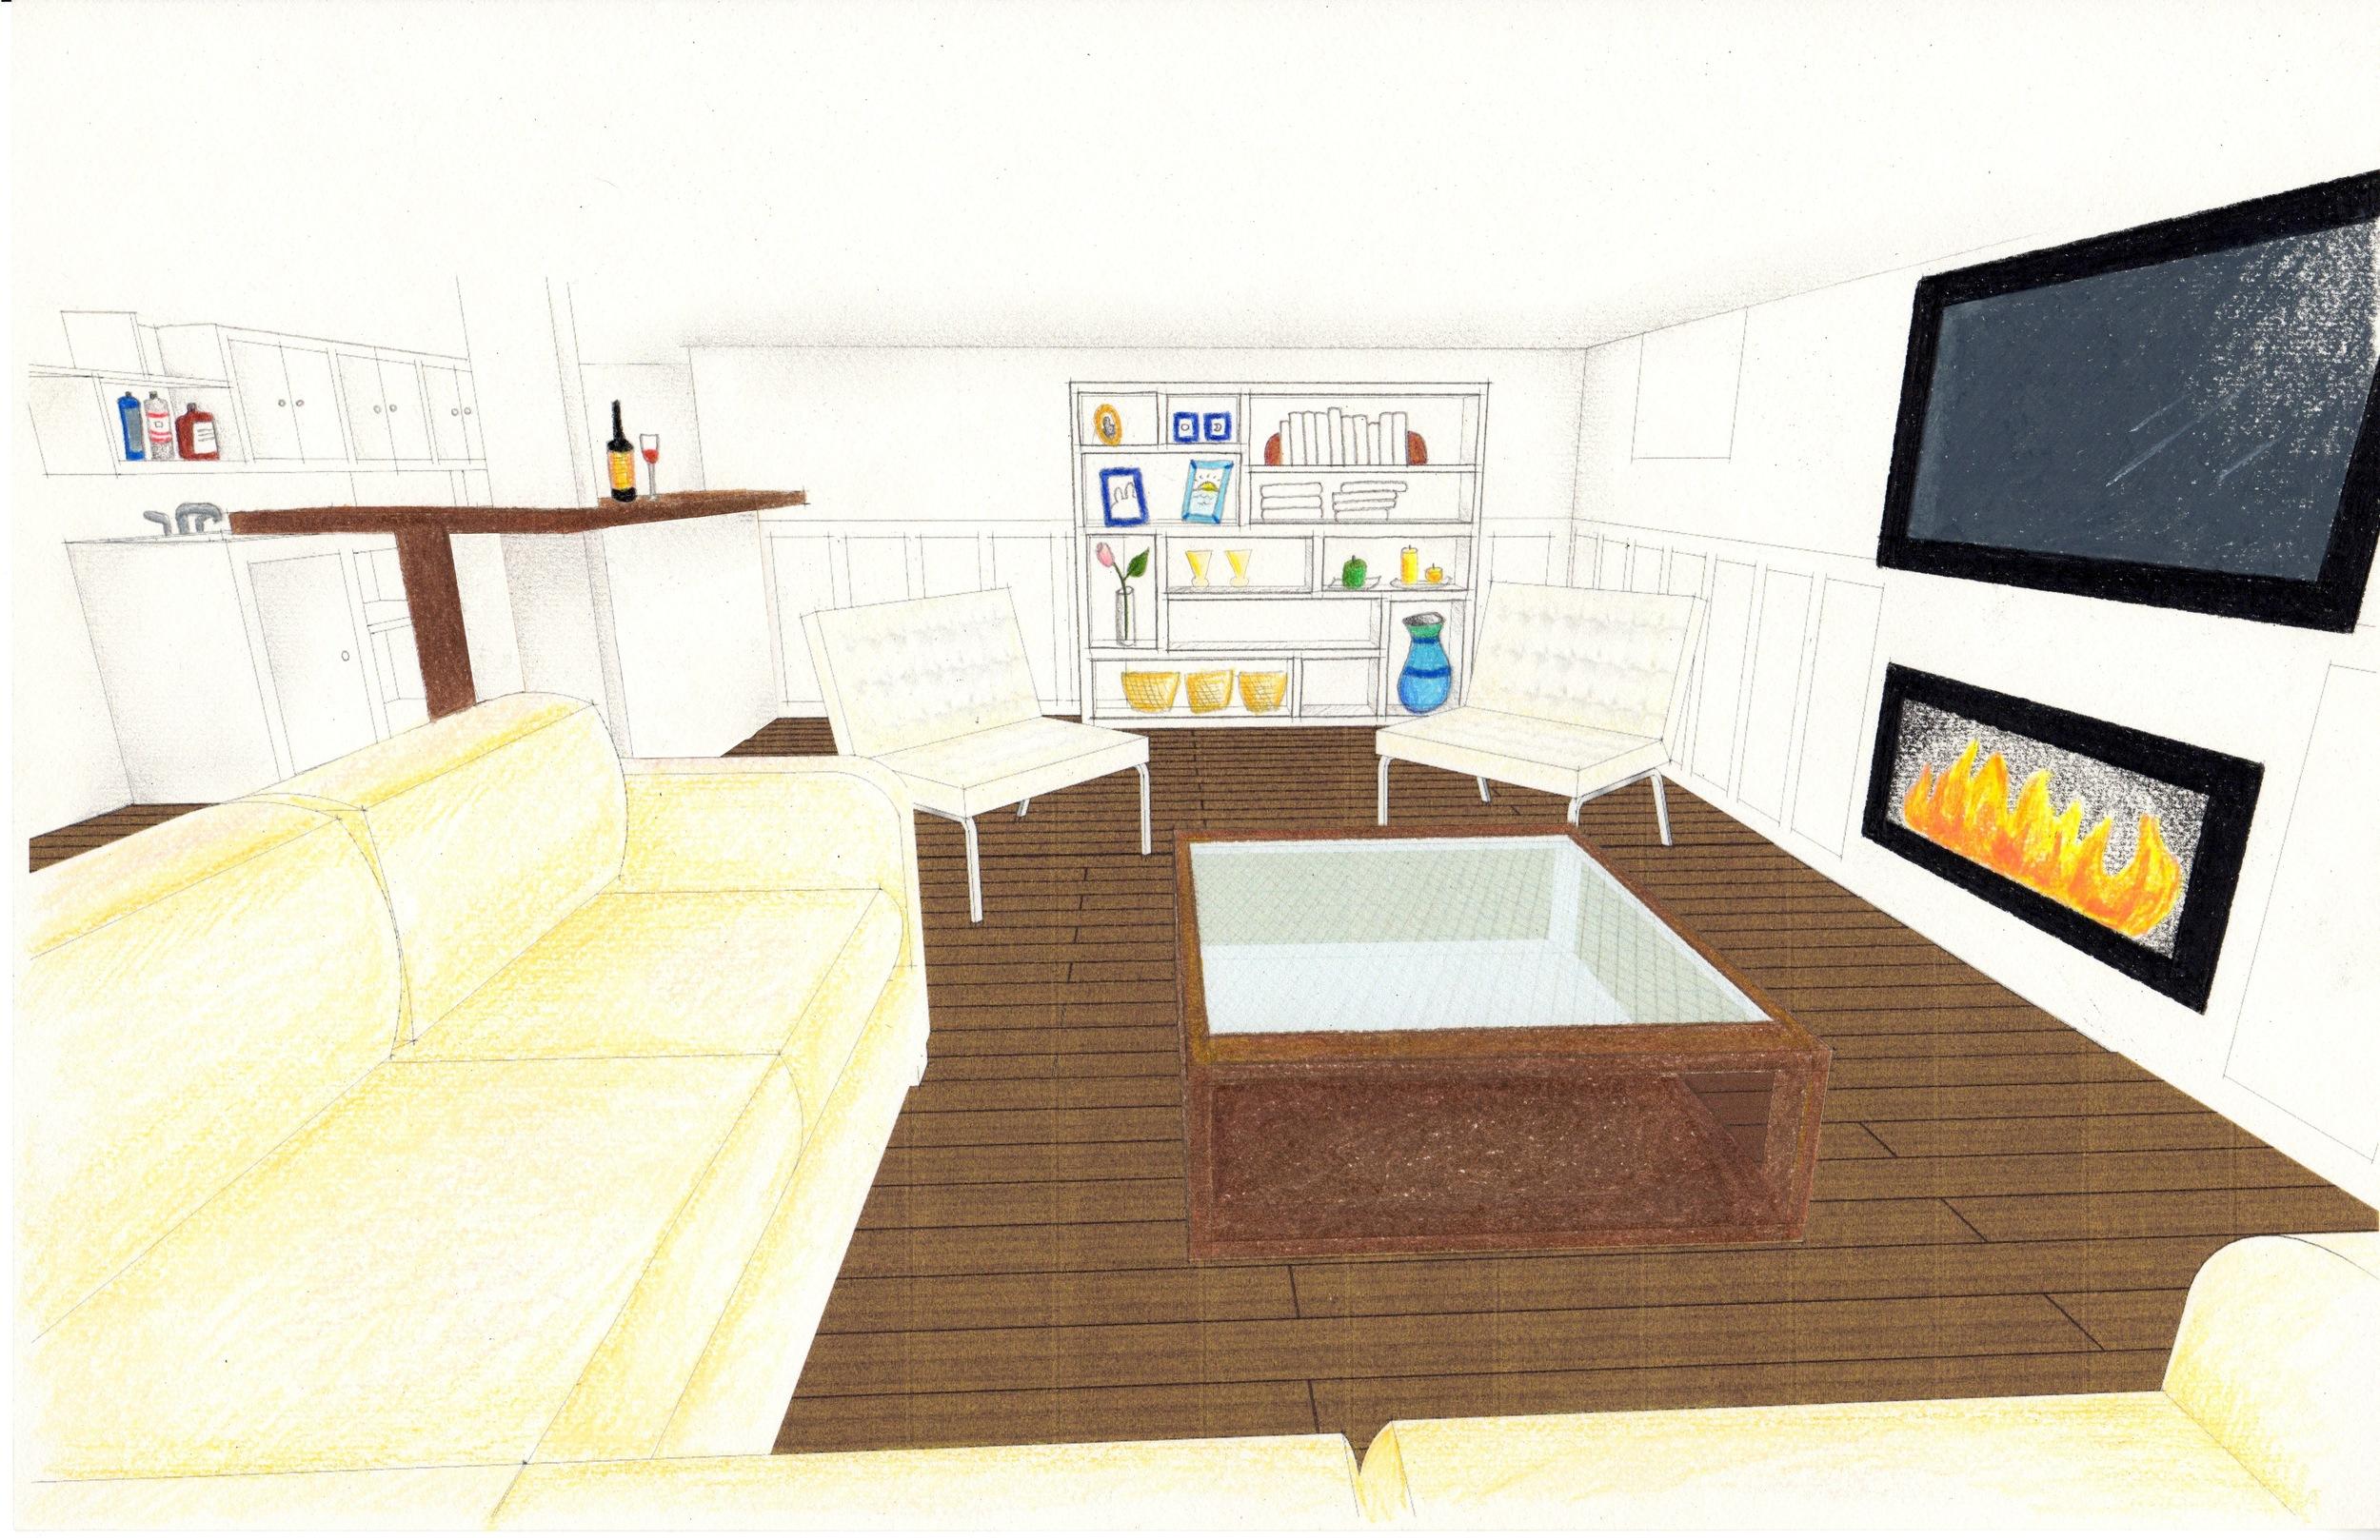 Final design, view 2